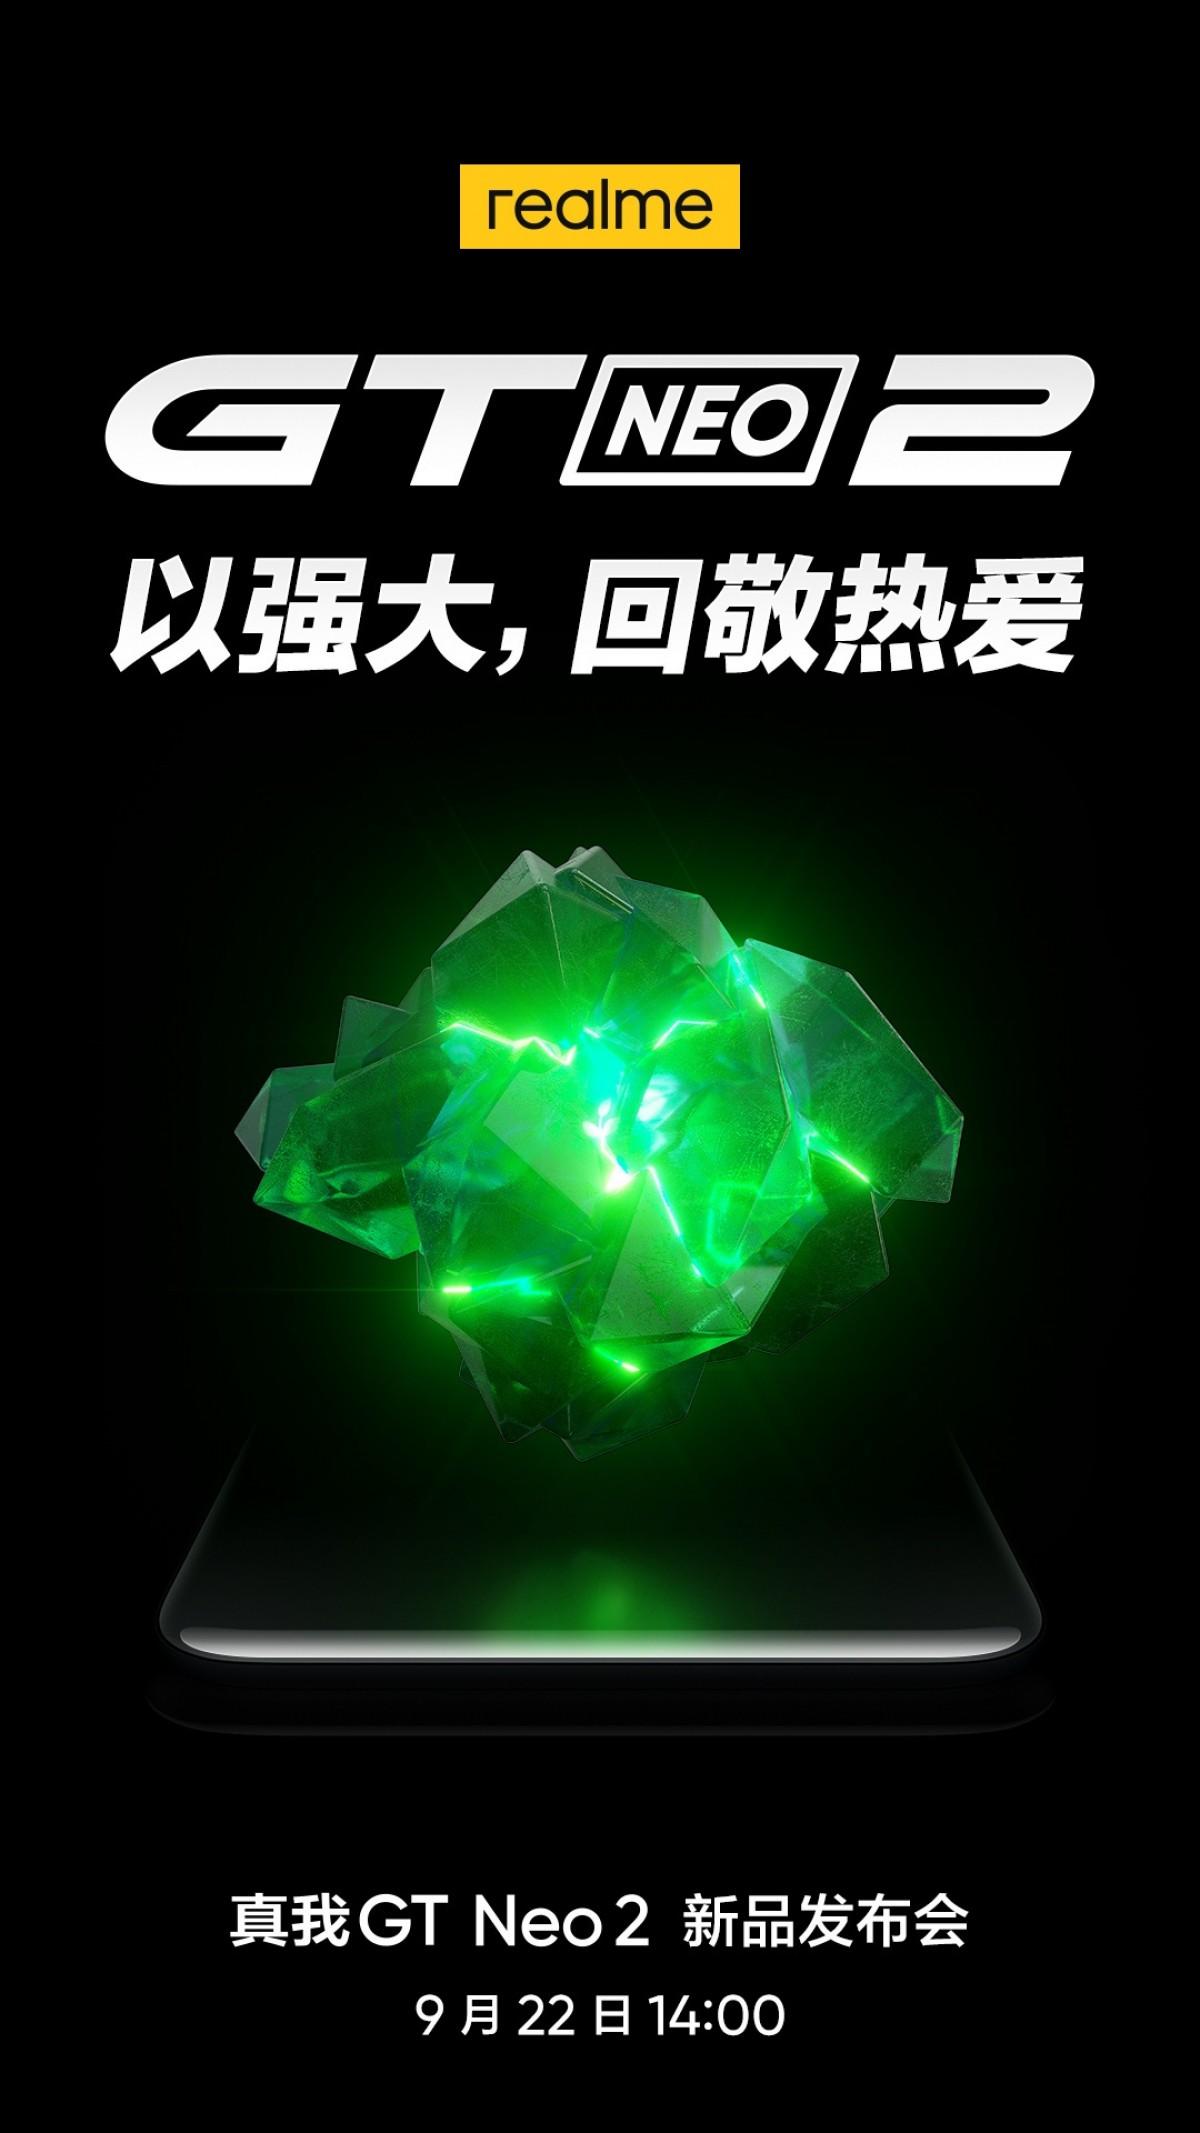 Realme GT Neo2 kommer visas upp 22 september